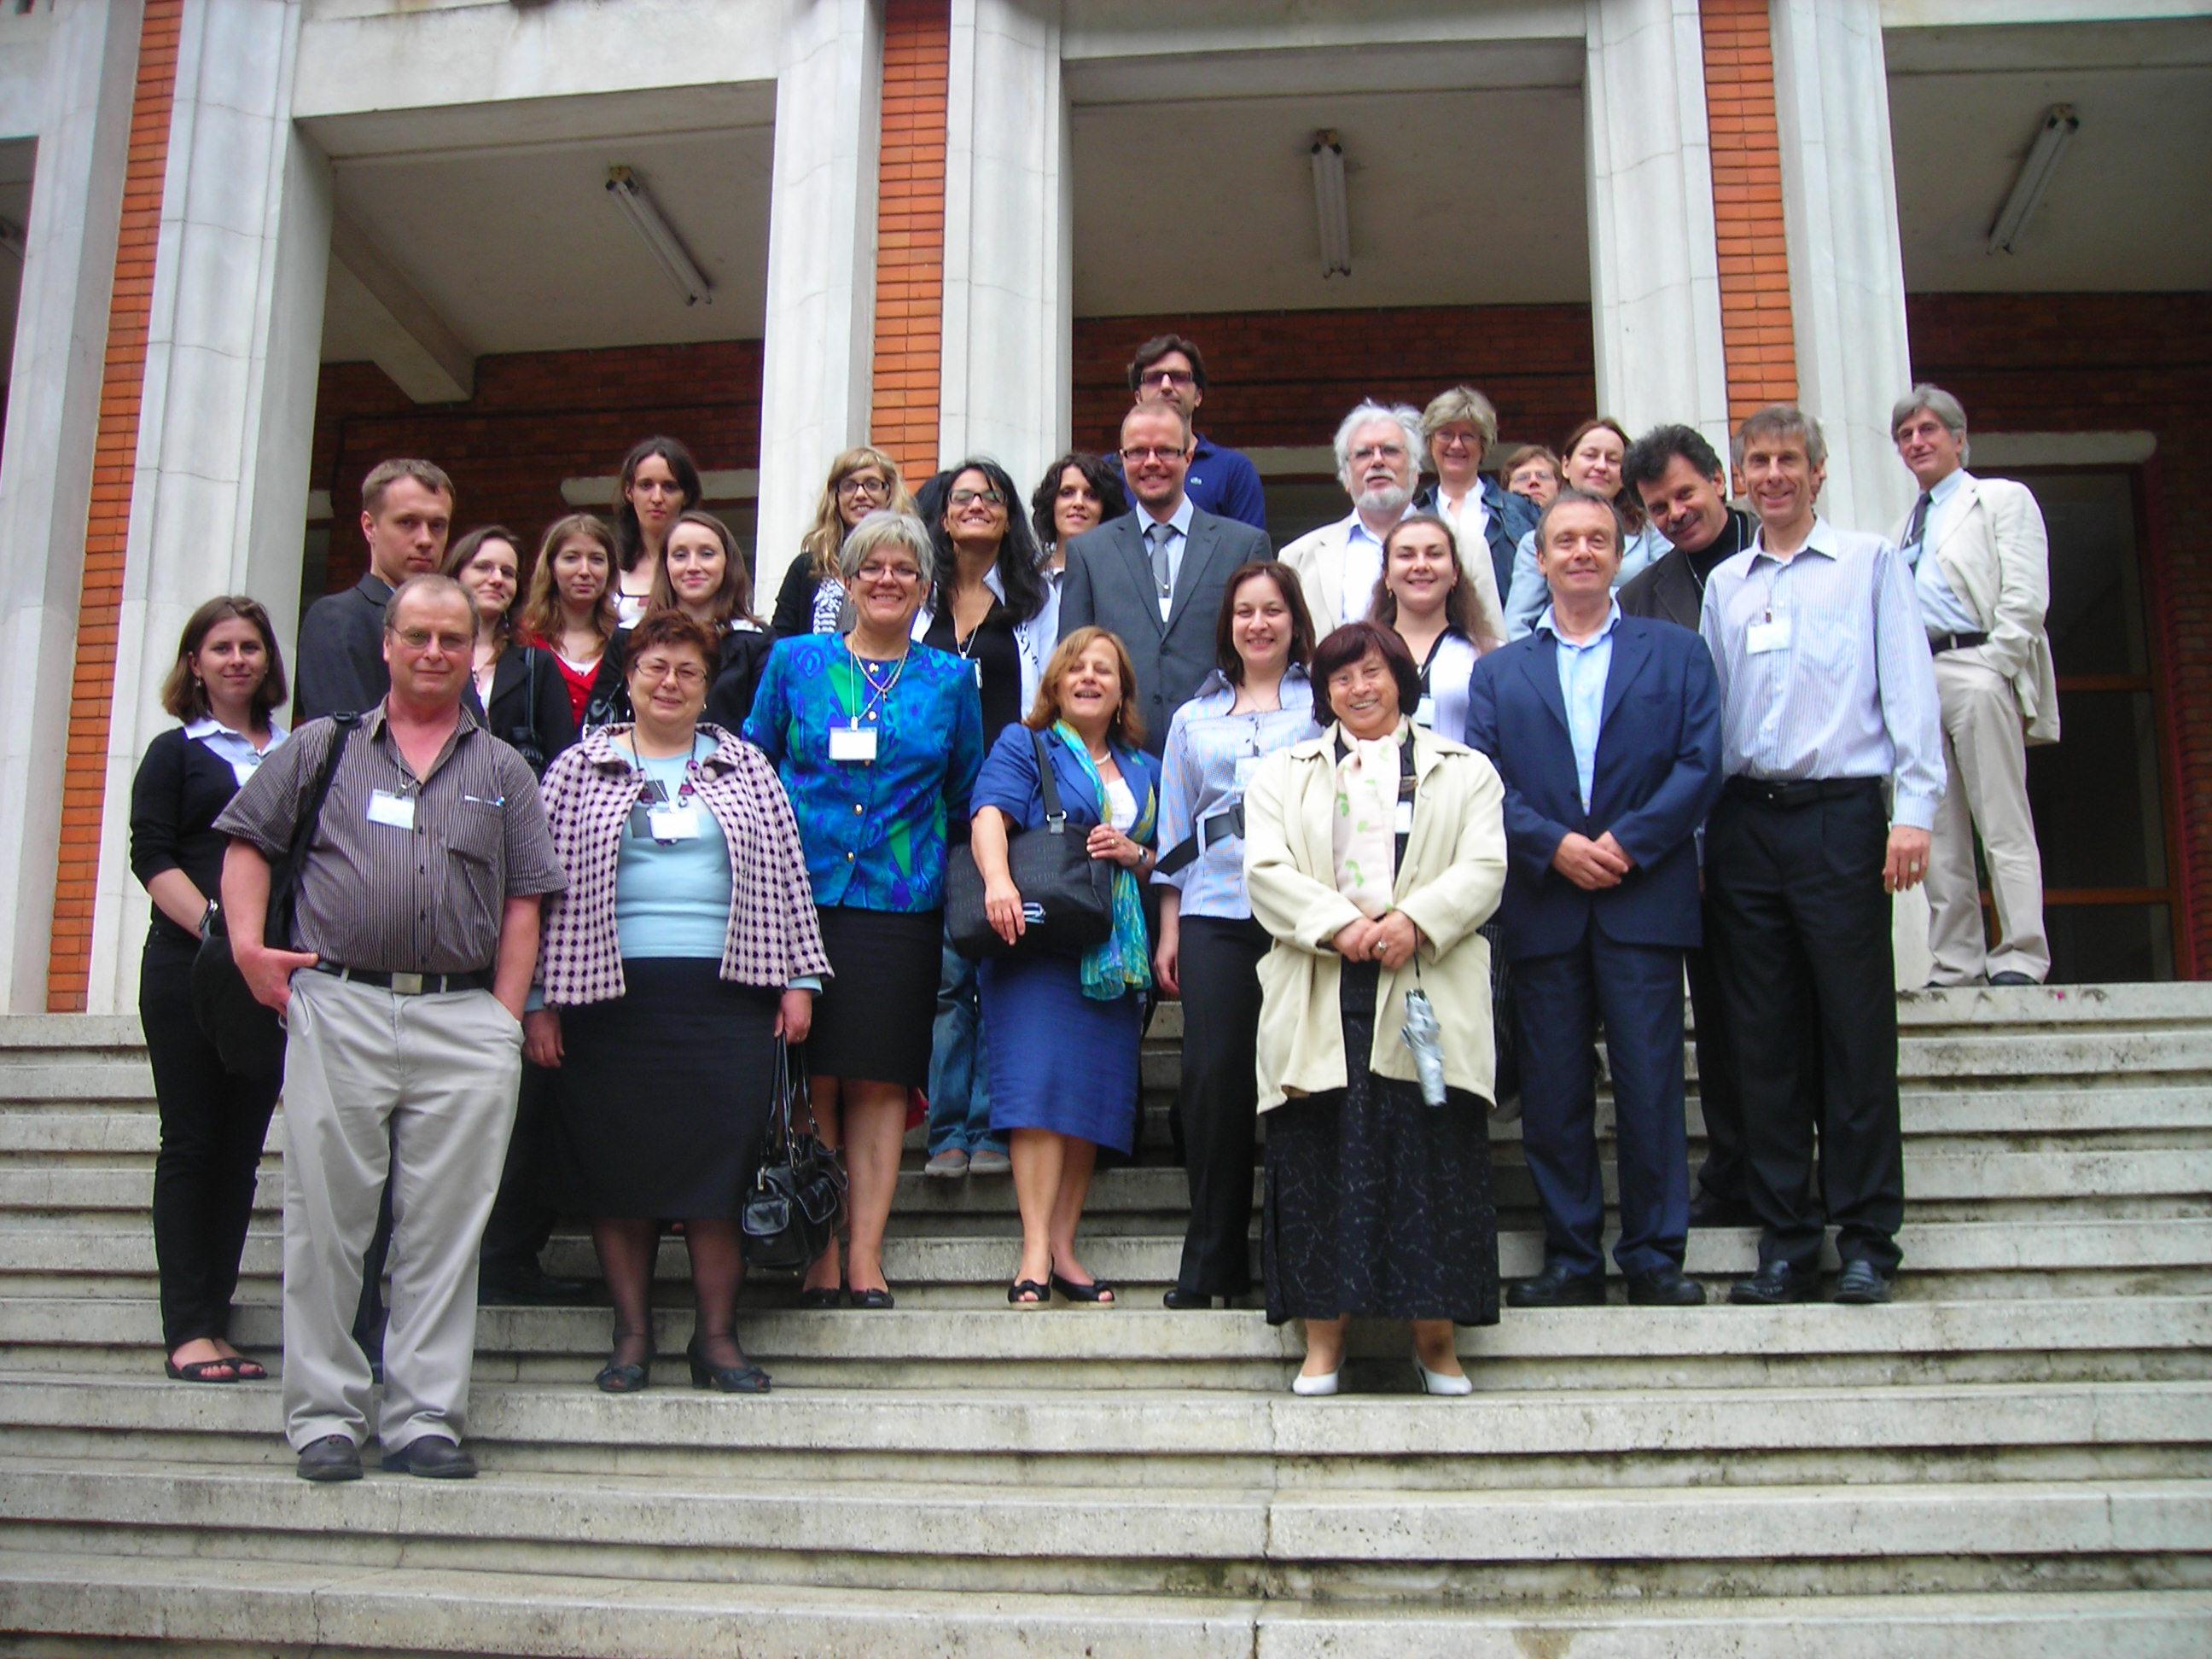 Iasi, Romania, 28-29th June 2010